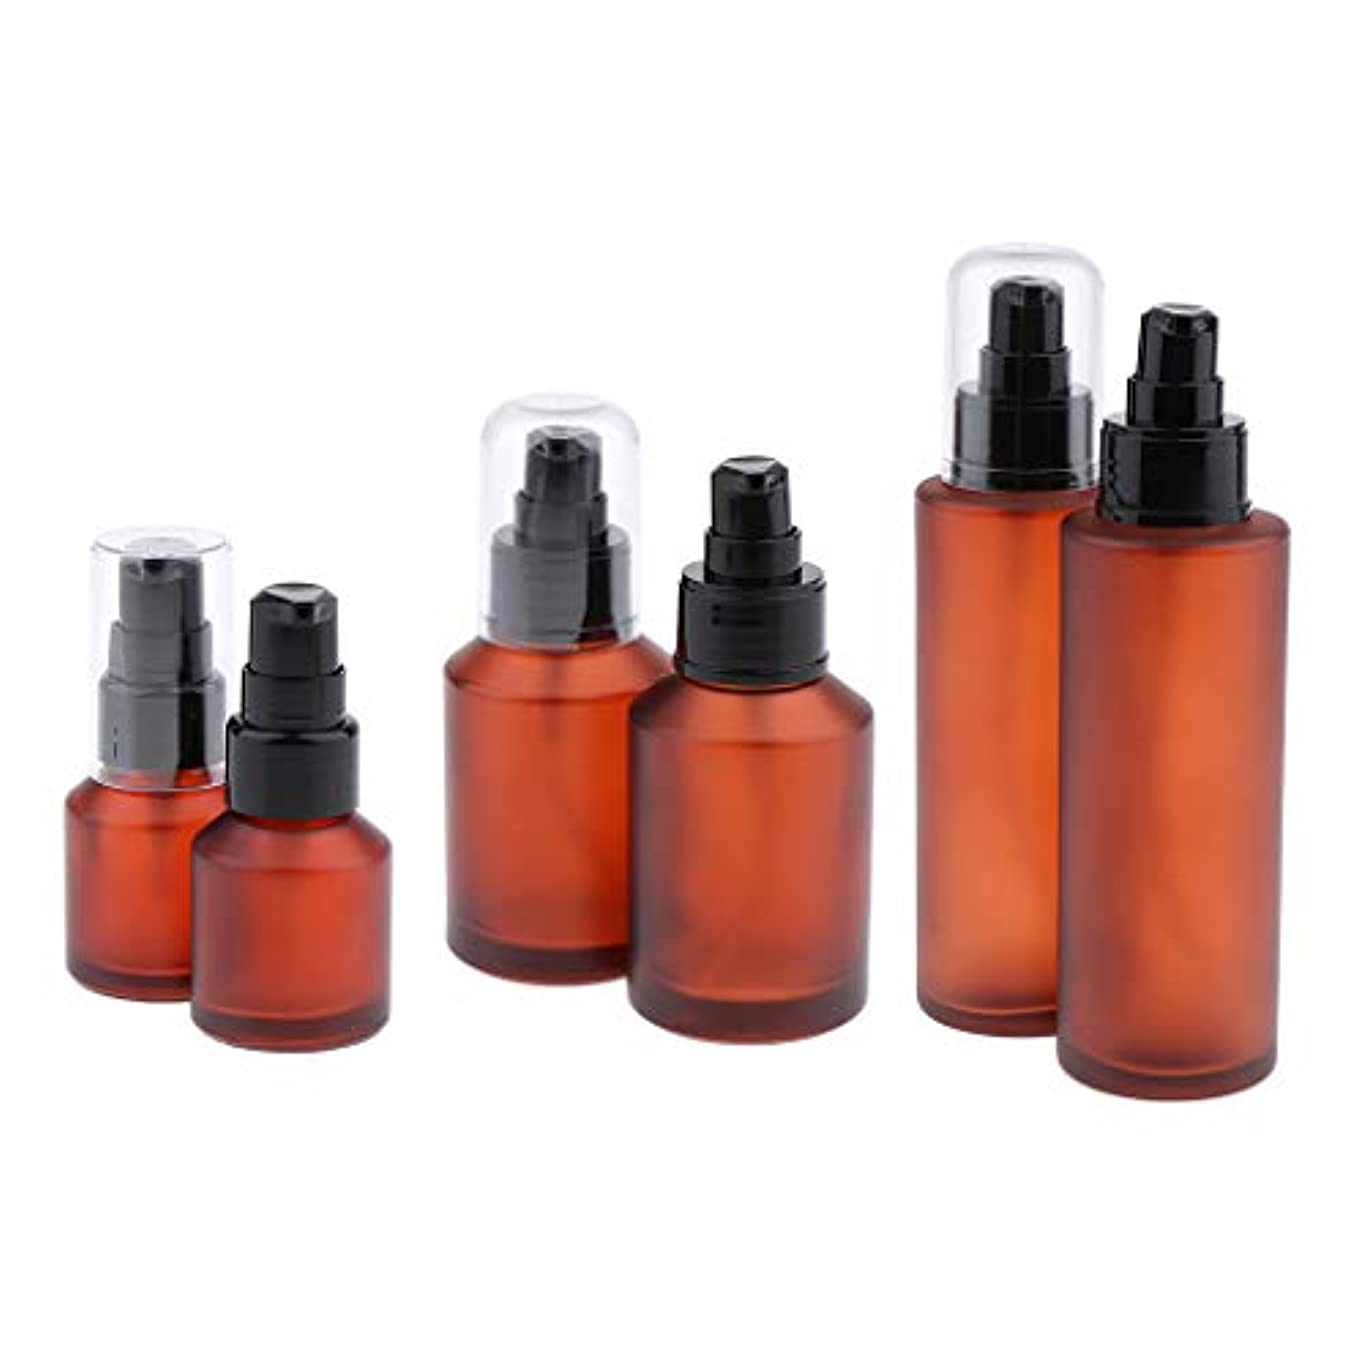 屋内で不毛測るPerfeclan ポンプボトル 容器 空 詰め替え式 ガラス瓶 ローションポンプボトル 琥珀色 詰め替え可能 漏れ防止